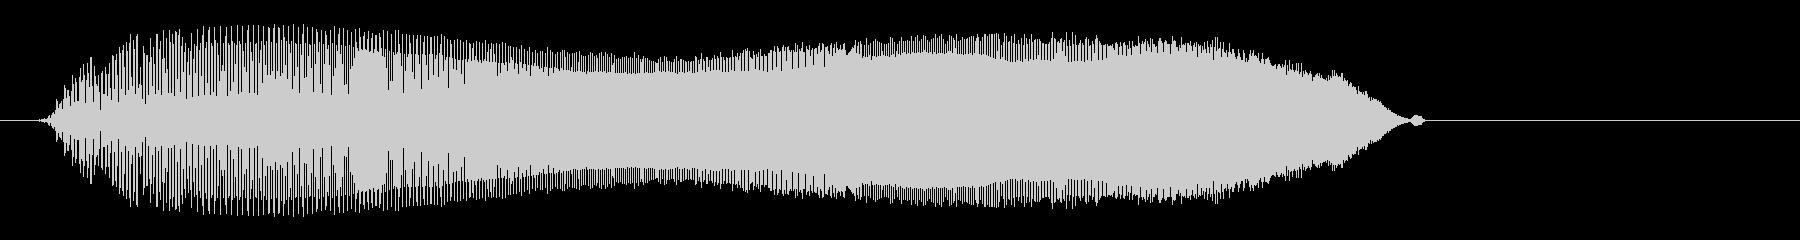 ピィピィー(何かを知らせたような音)の未再生の波形